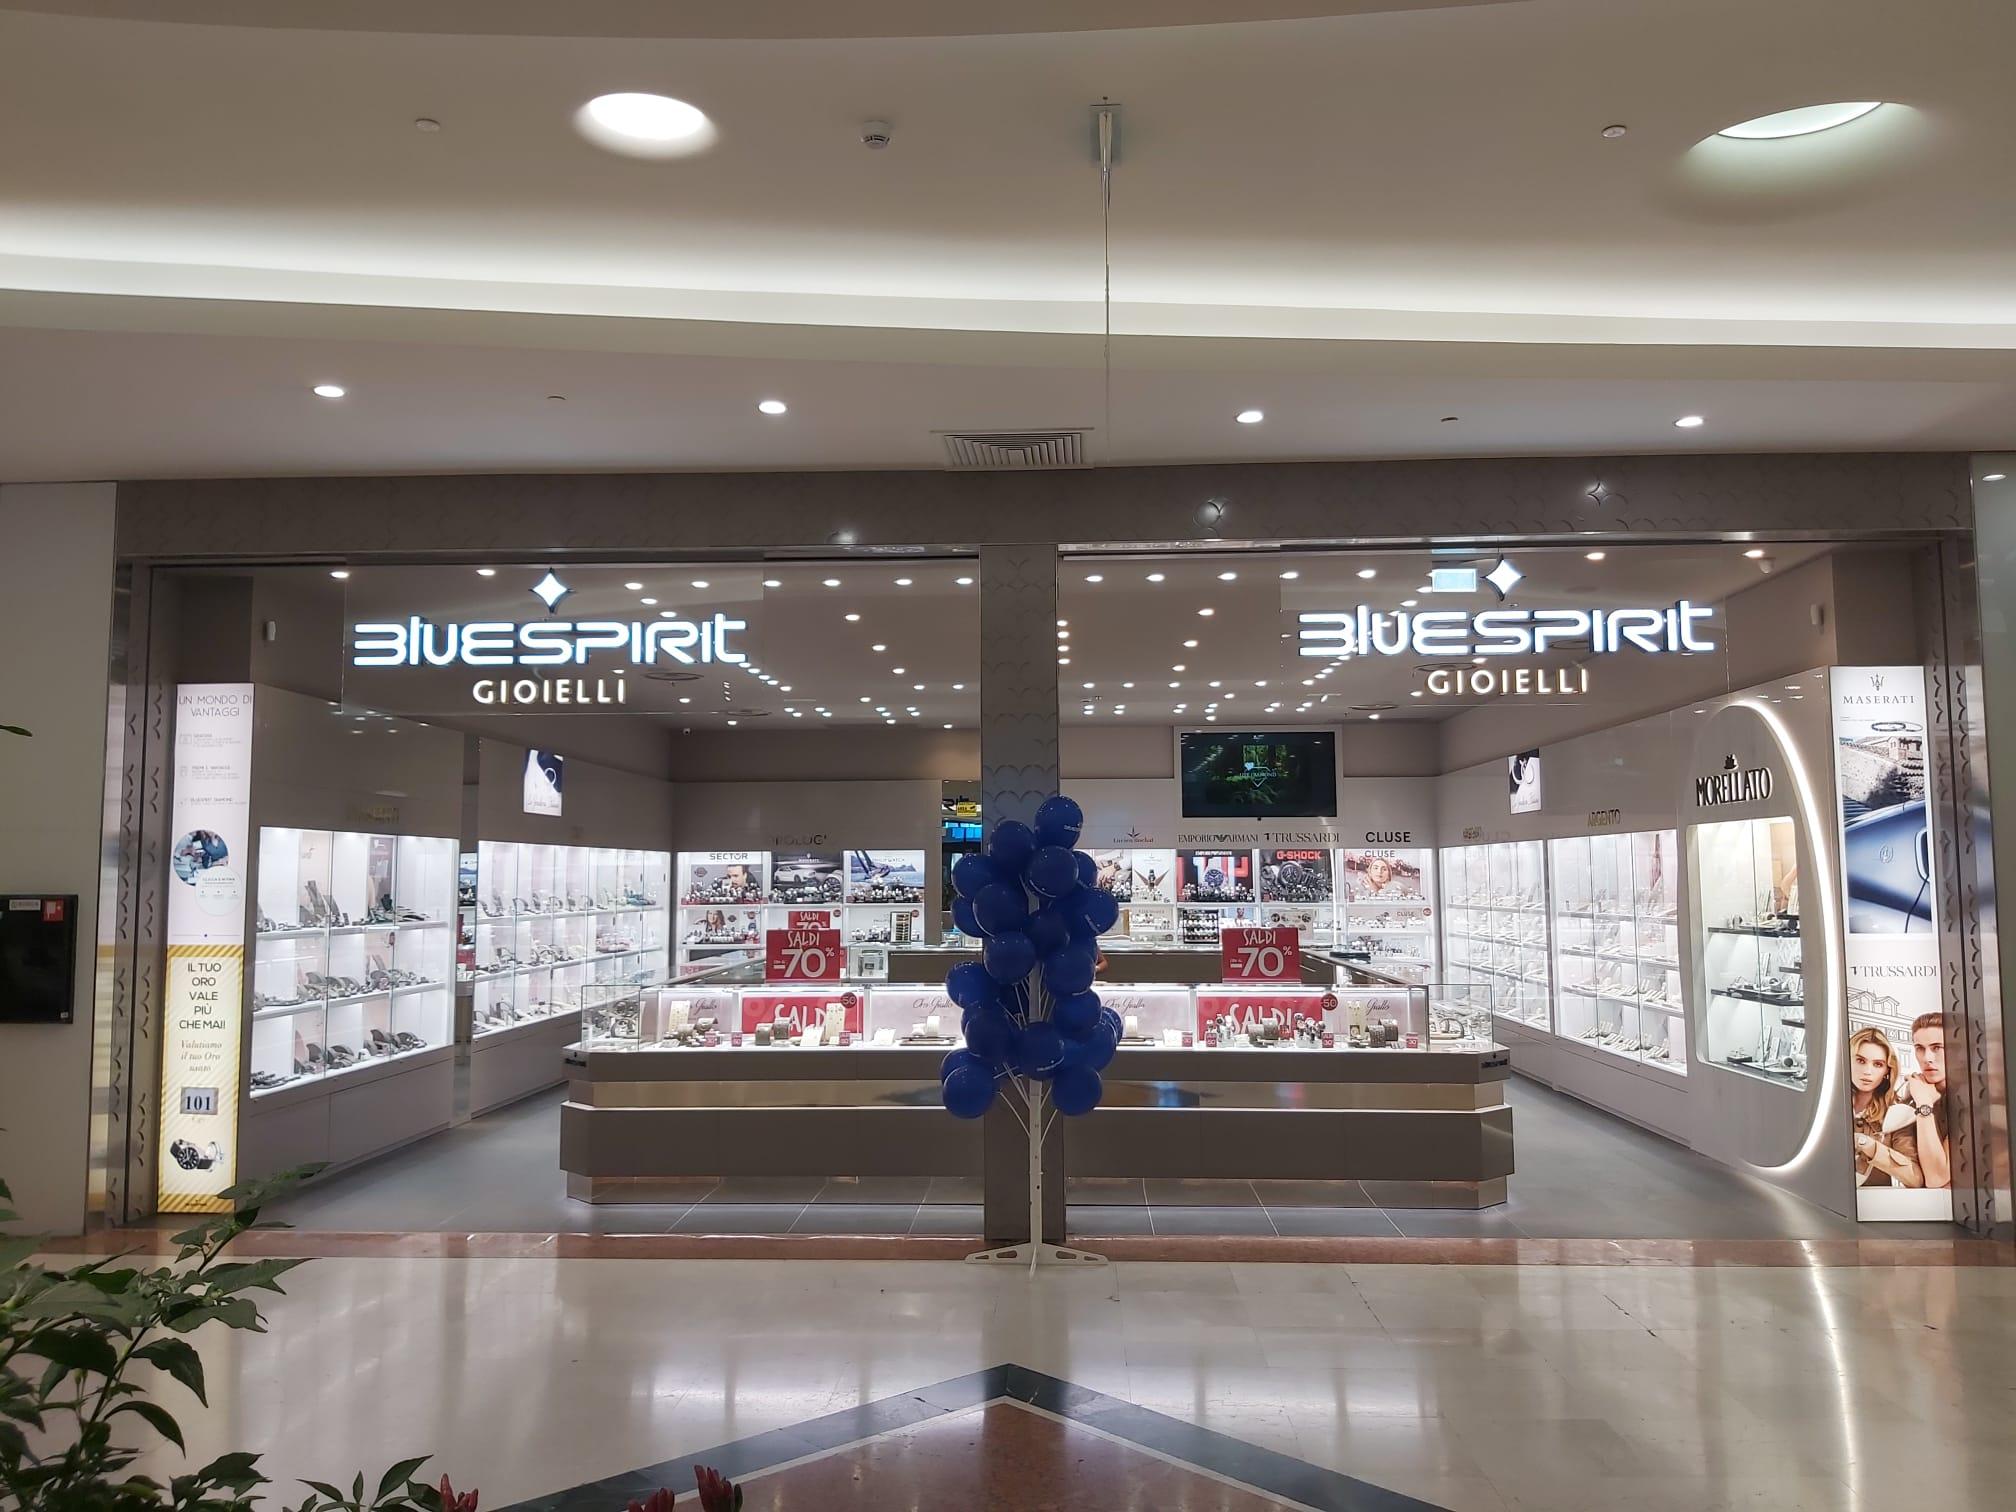 bluespirit inaugura il nuovo concept store realizzato da Arredo 91 produzione